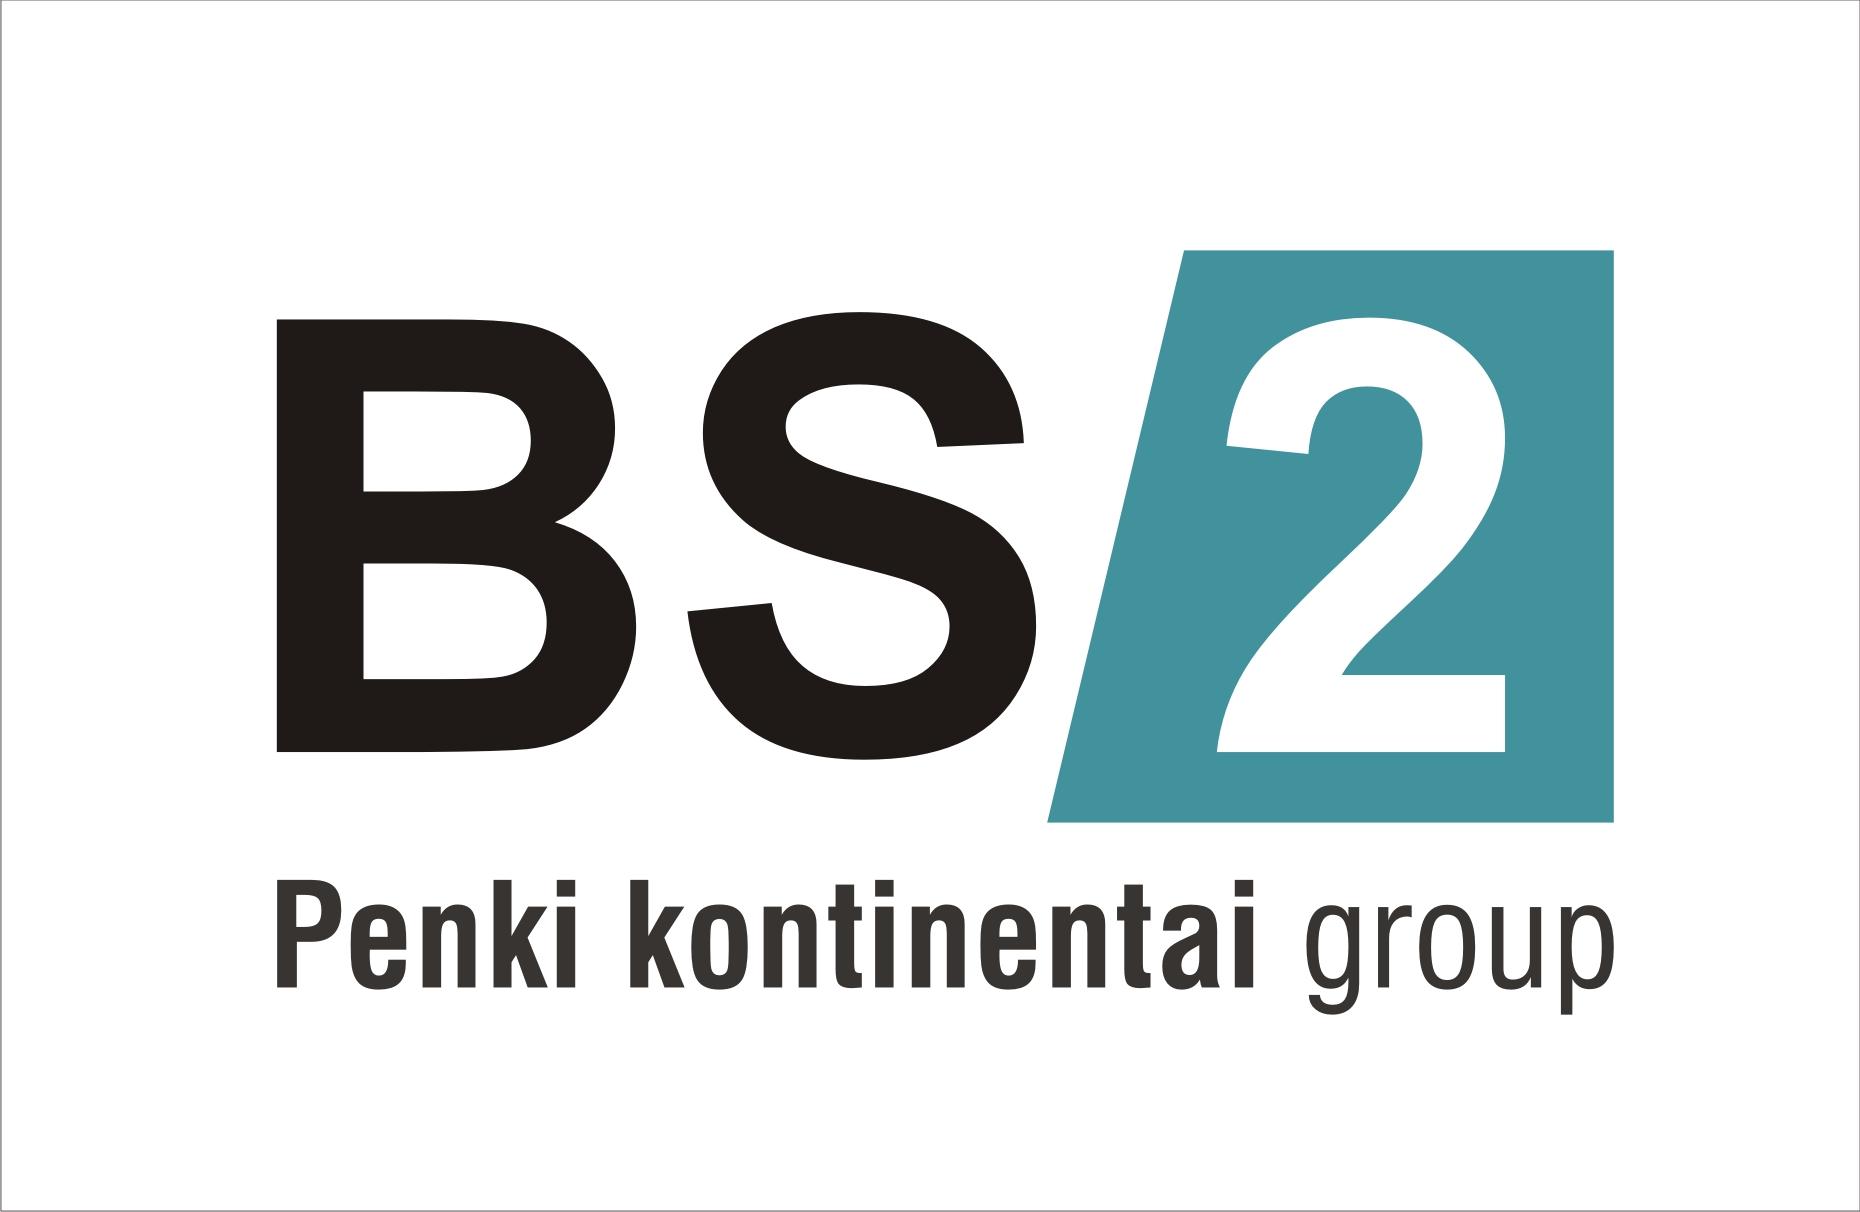 Lietuvos bendrovė laimėjo tarptautines nominacijas